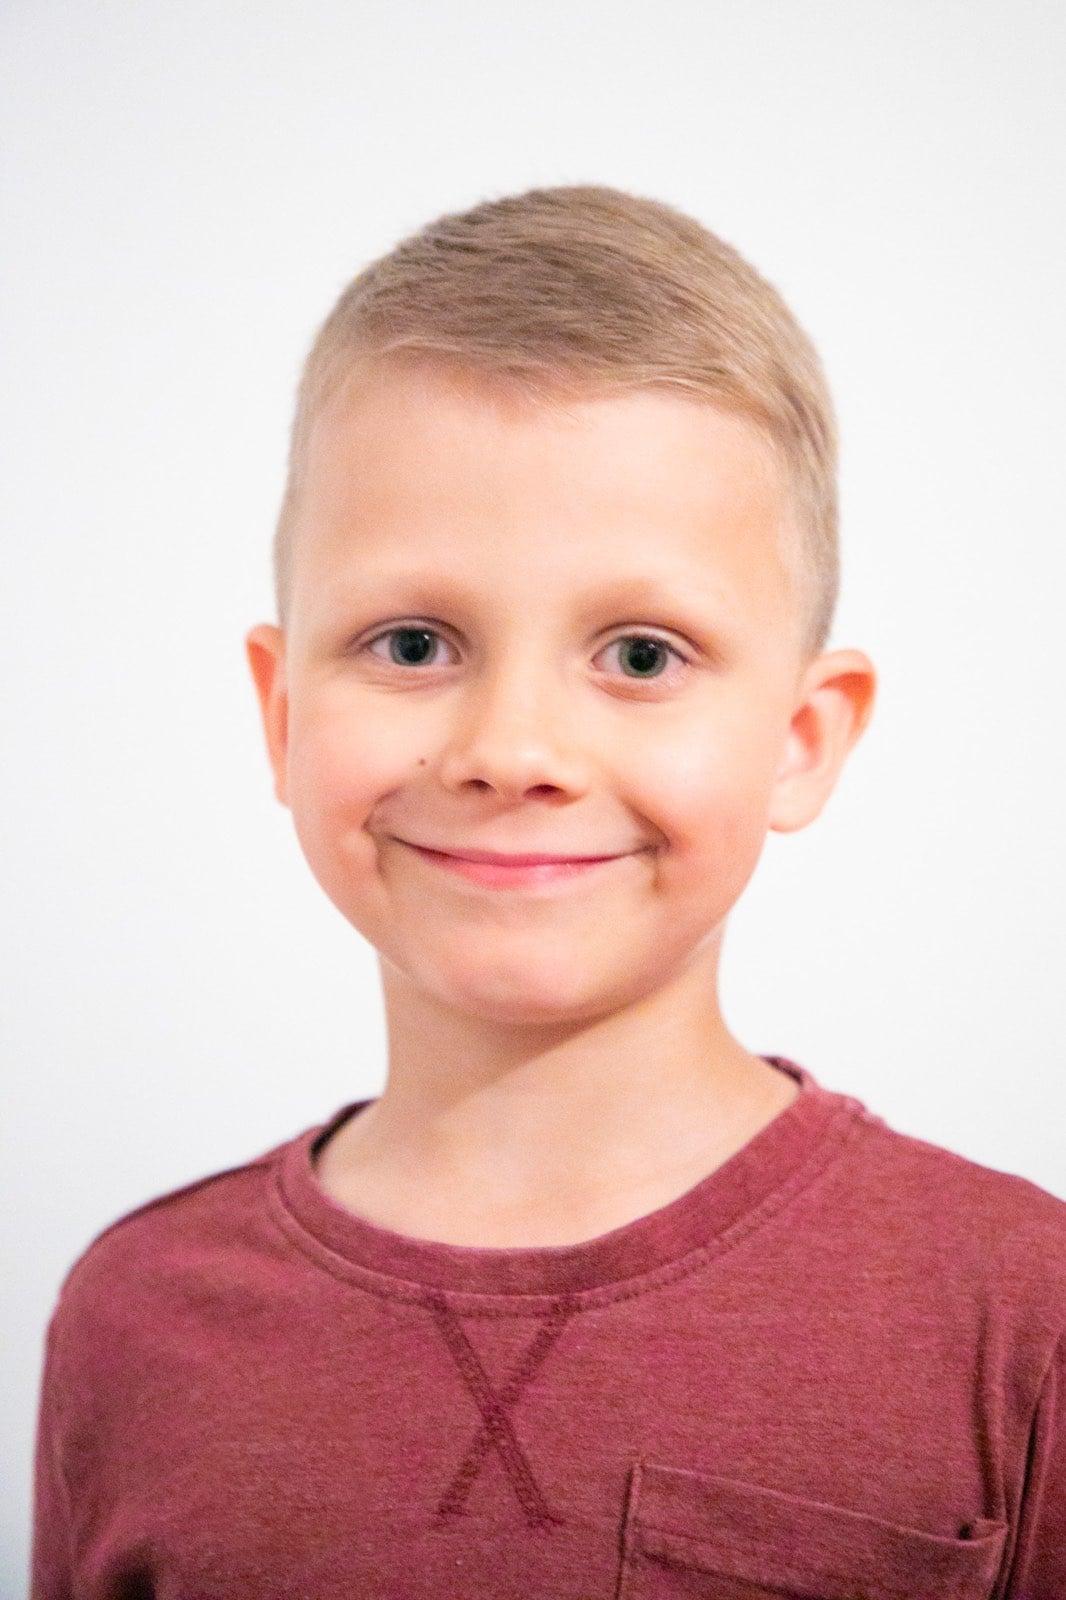 У семирічного франківця діагностували рак. Небайдужих просять допомогти коштами на лікування (ФОТО)